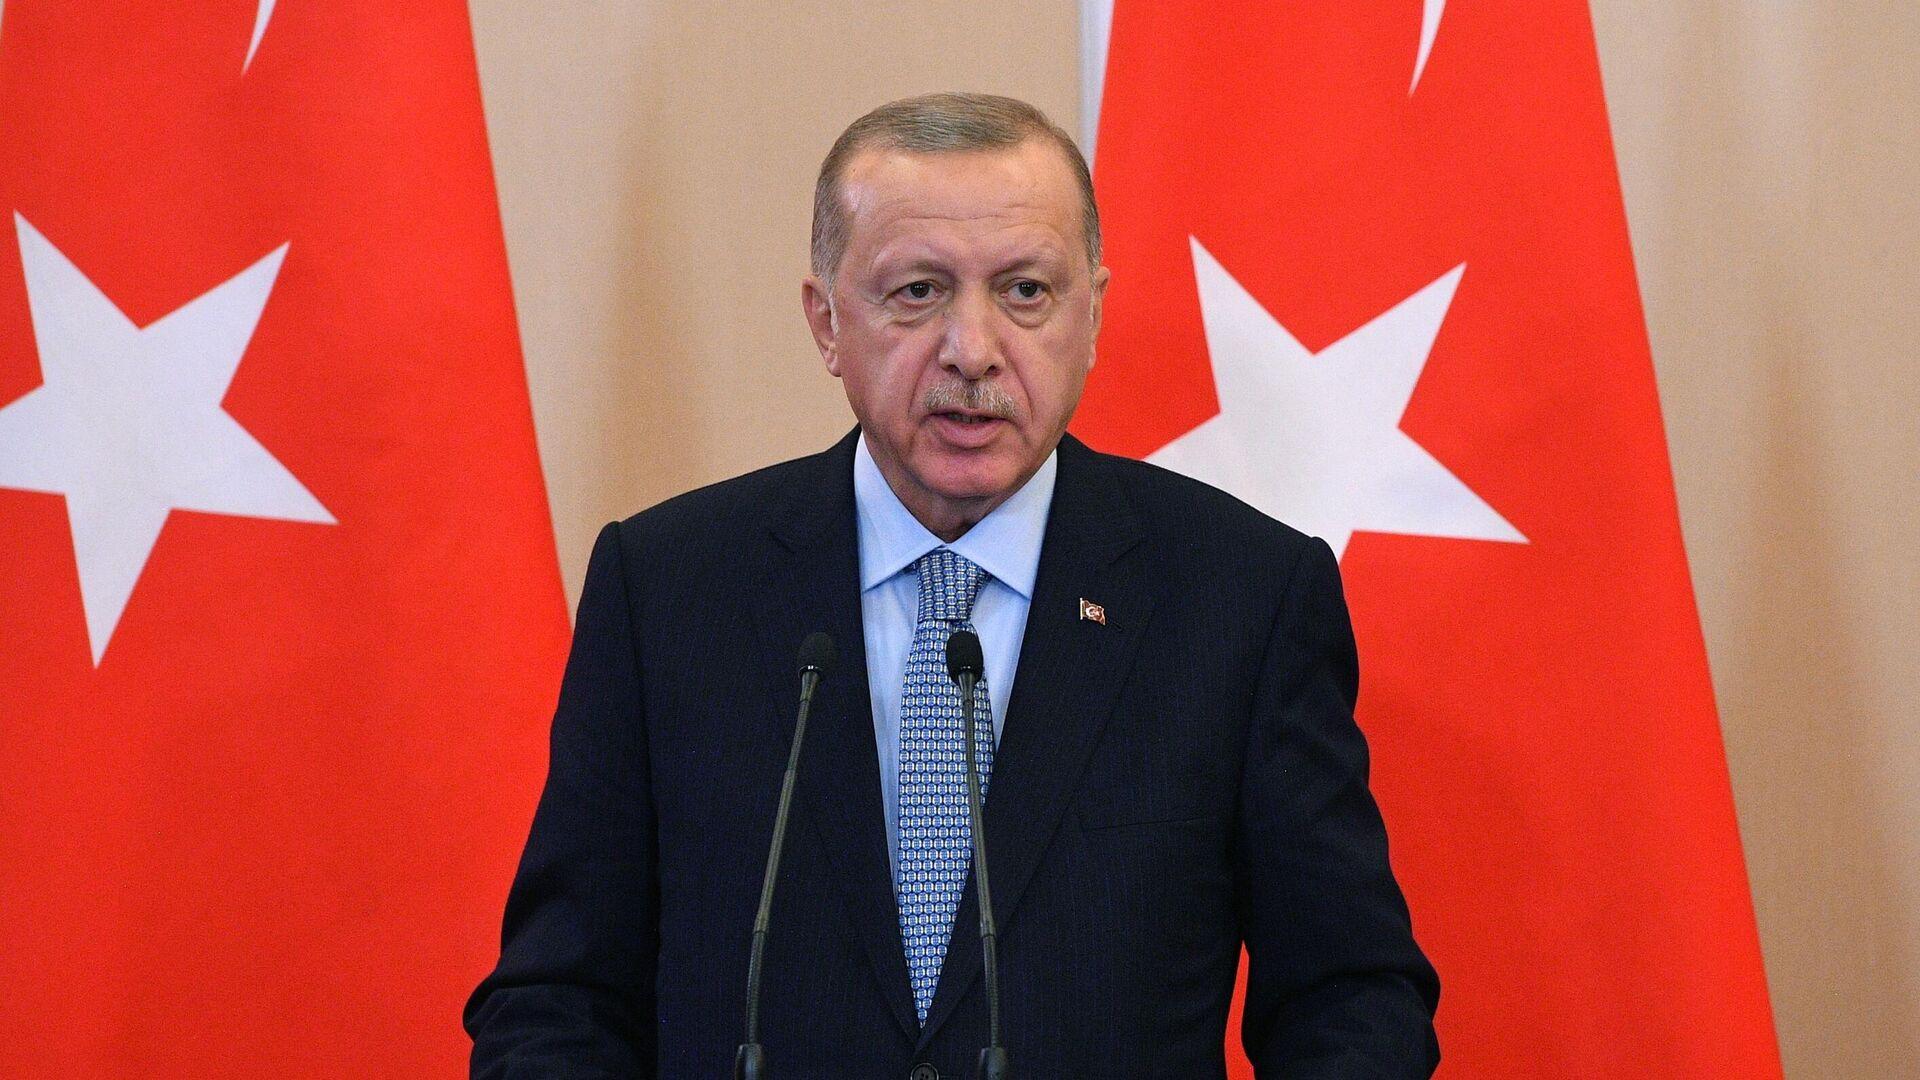 Der türkische Präsident Recep Tayyip Erdogan (Archivfoto)  - SNA, 1920, 05.04.2021